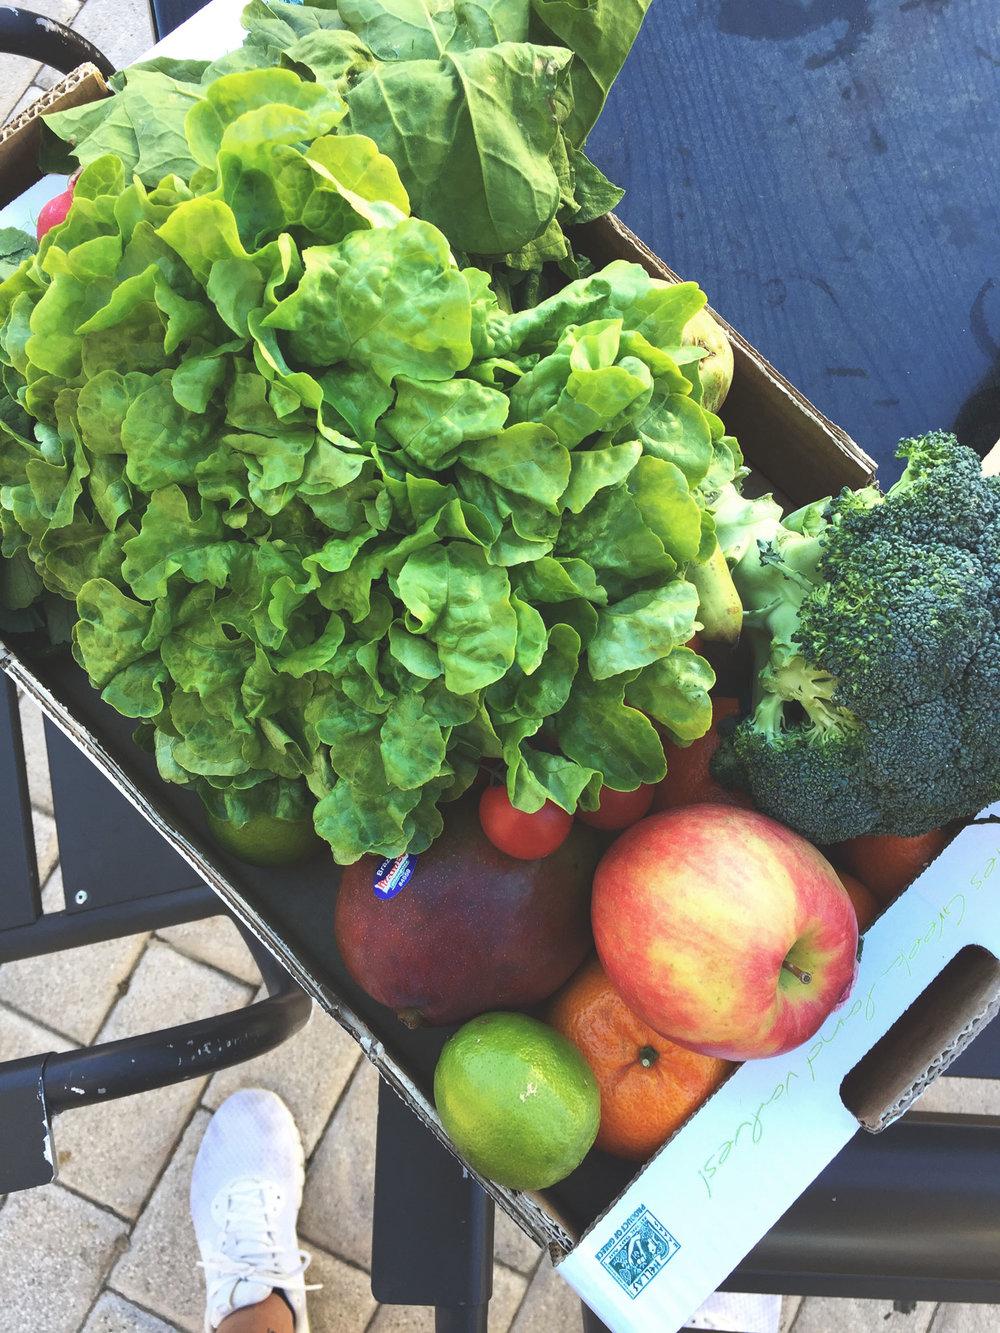 Vi köpte massor med frukt och grönsaker på Agromart. Älskar den butiken men det blir för dyrt att bara handla där så vi alternerar med Aldi som är bra på ekomat.